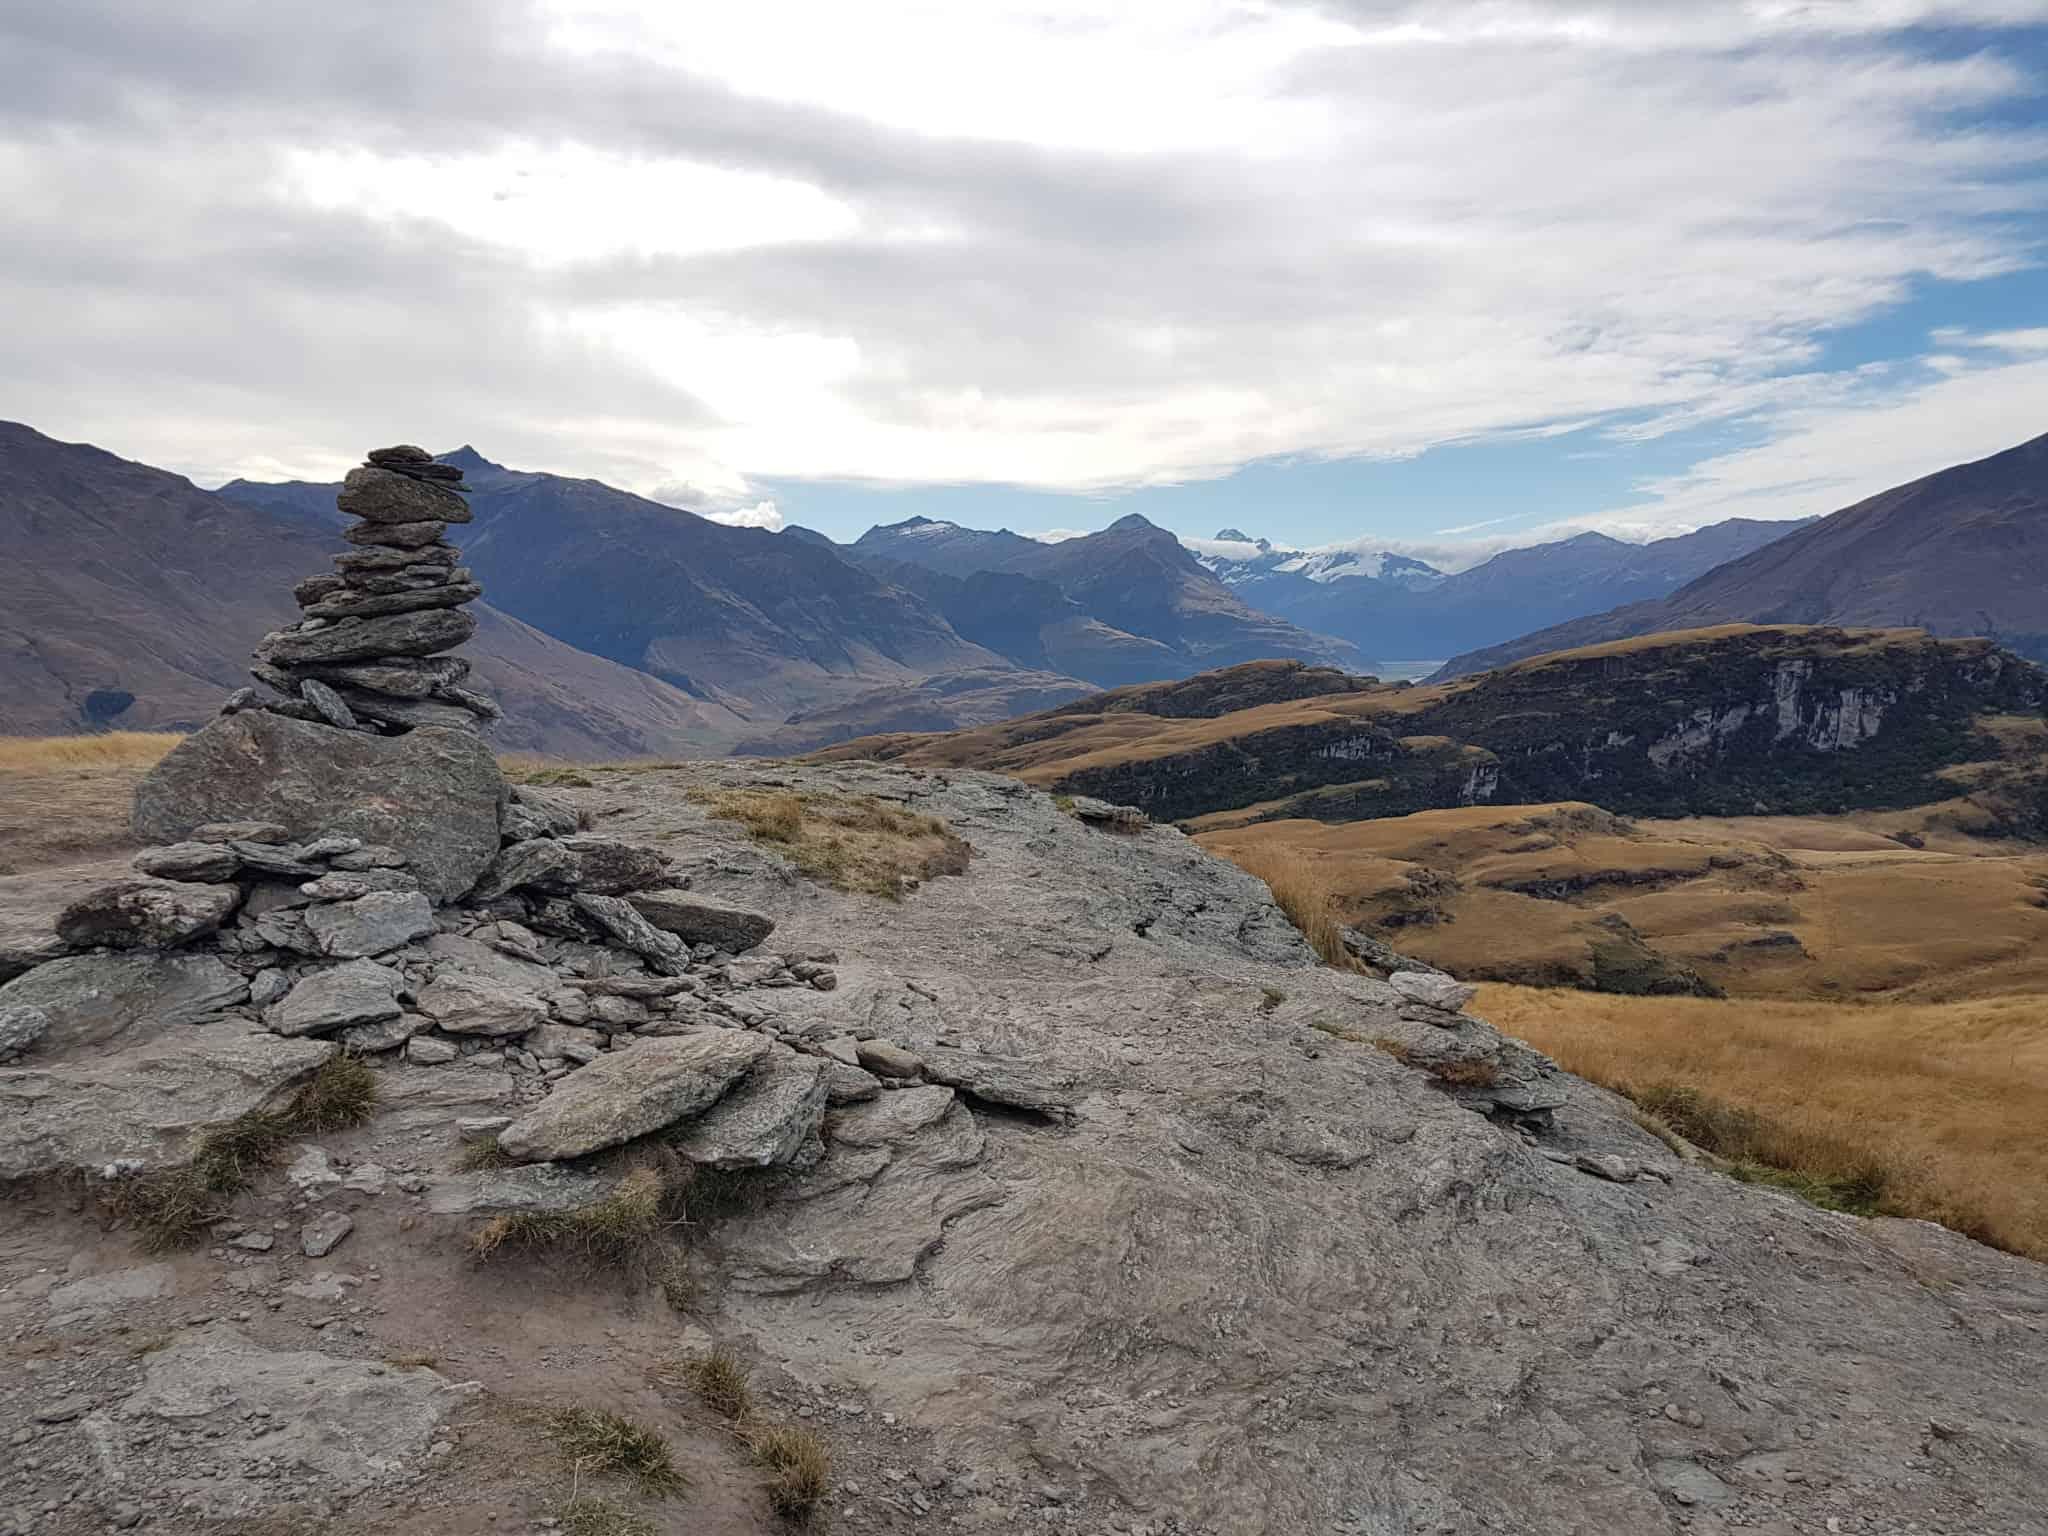 Nouvelle-Zélande, la Rocky Mountain Track une randonnée méconnue des touristes 🤩 20